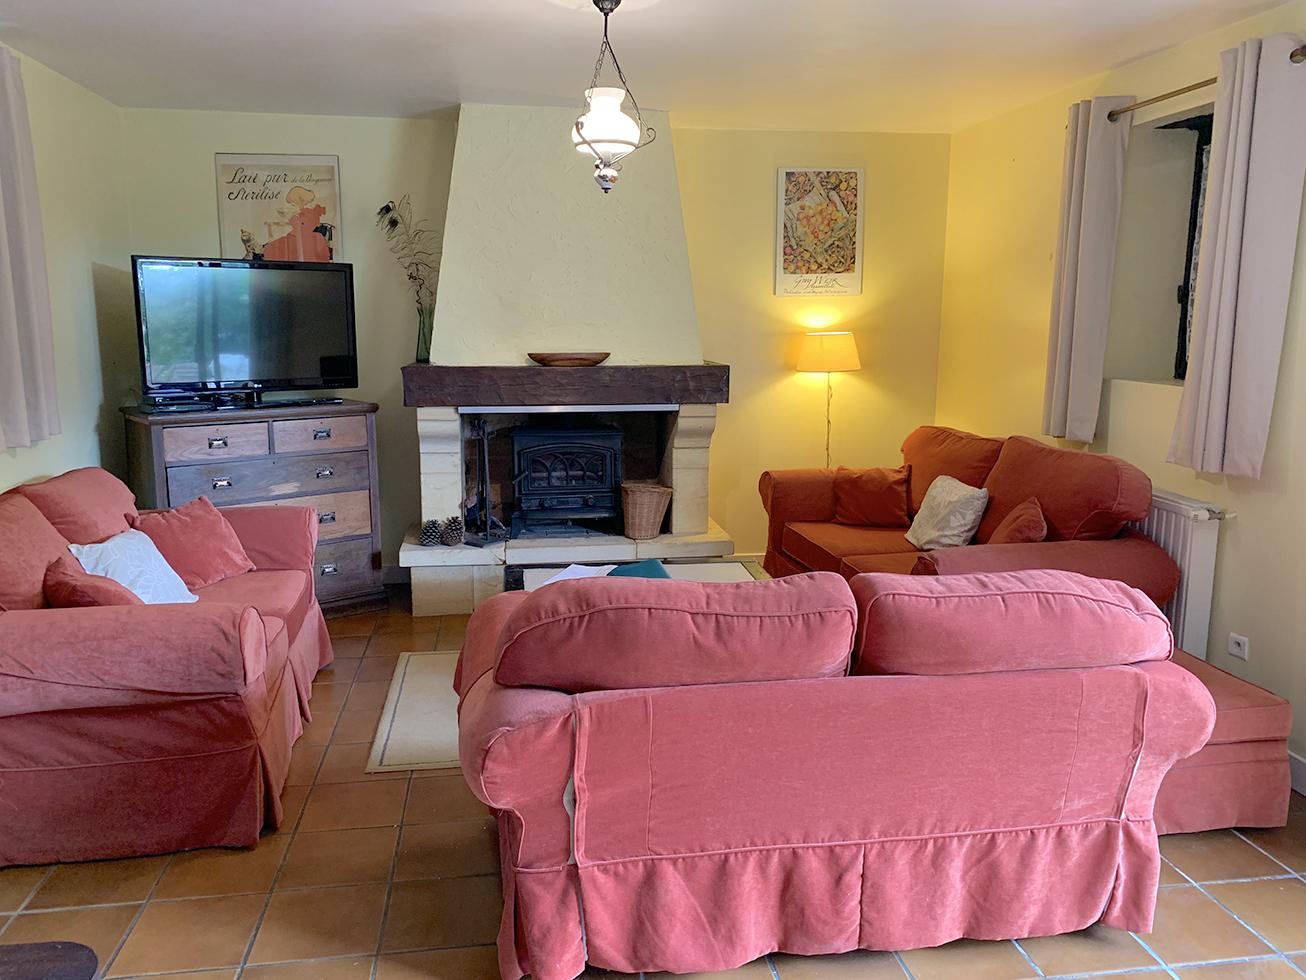 Dordogne gite lounge